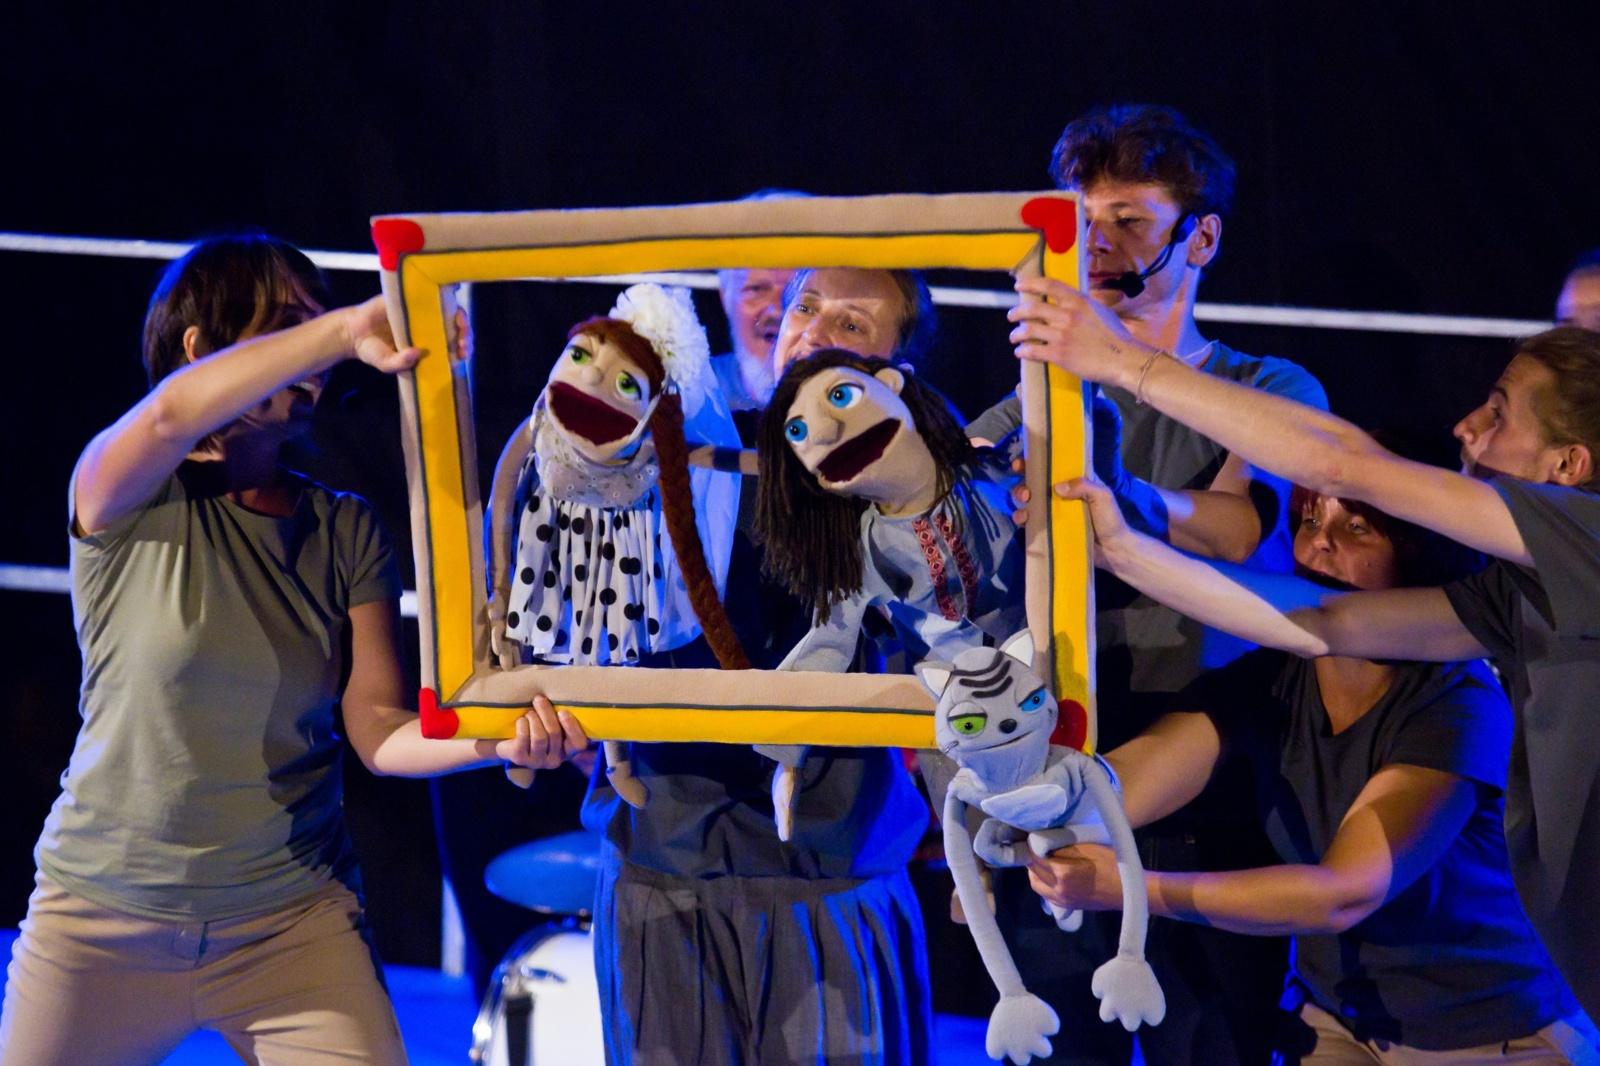 Panevėžio lėlių vežimo teatras ruošiasi gastrolėms Lenkijoje!